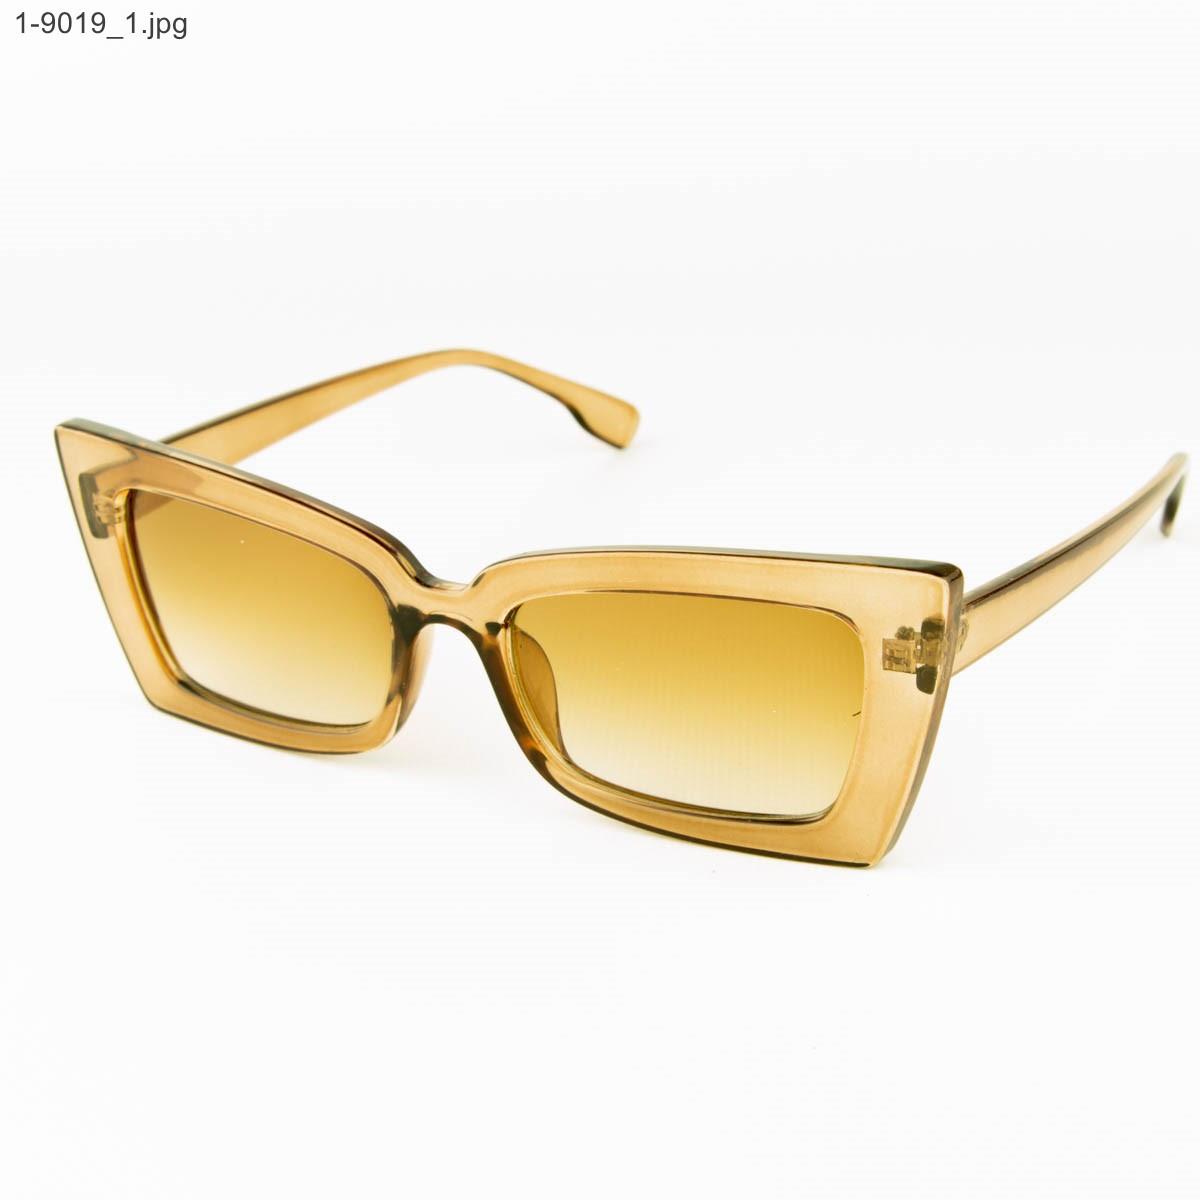 Стильные женские солнцезащитные очки - Янтарные - 1-9019